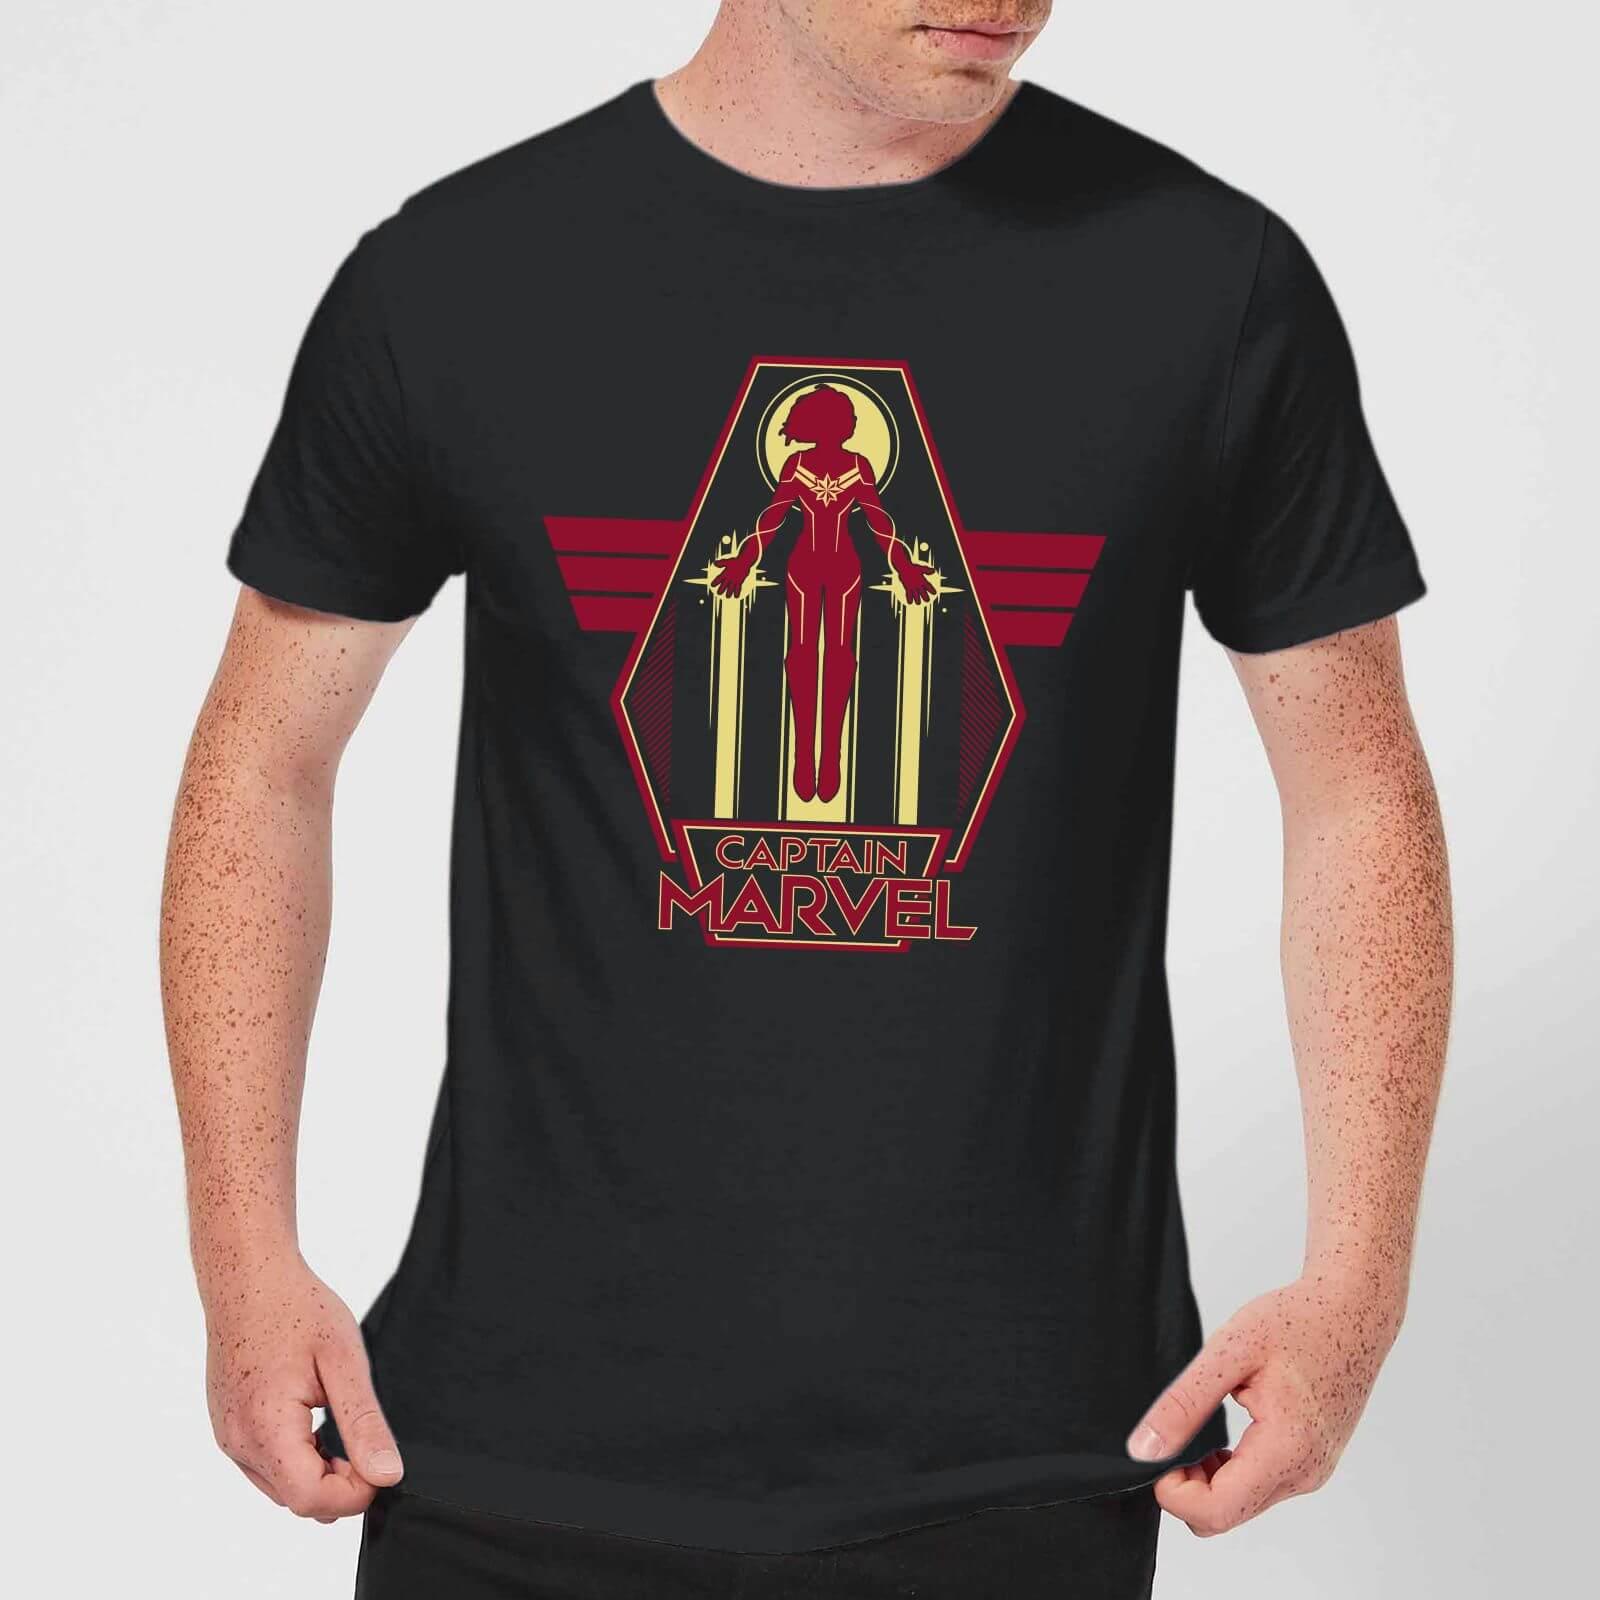 ae6900b1edd Captain Marvel Flying Warrior Men s T-Shirt - Black Clothing